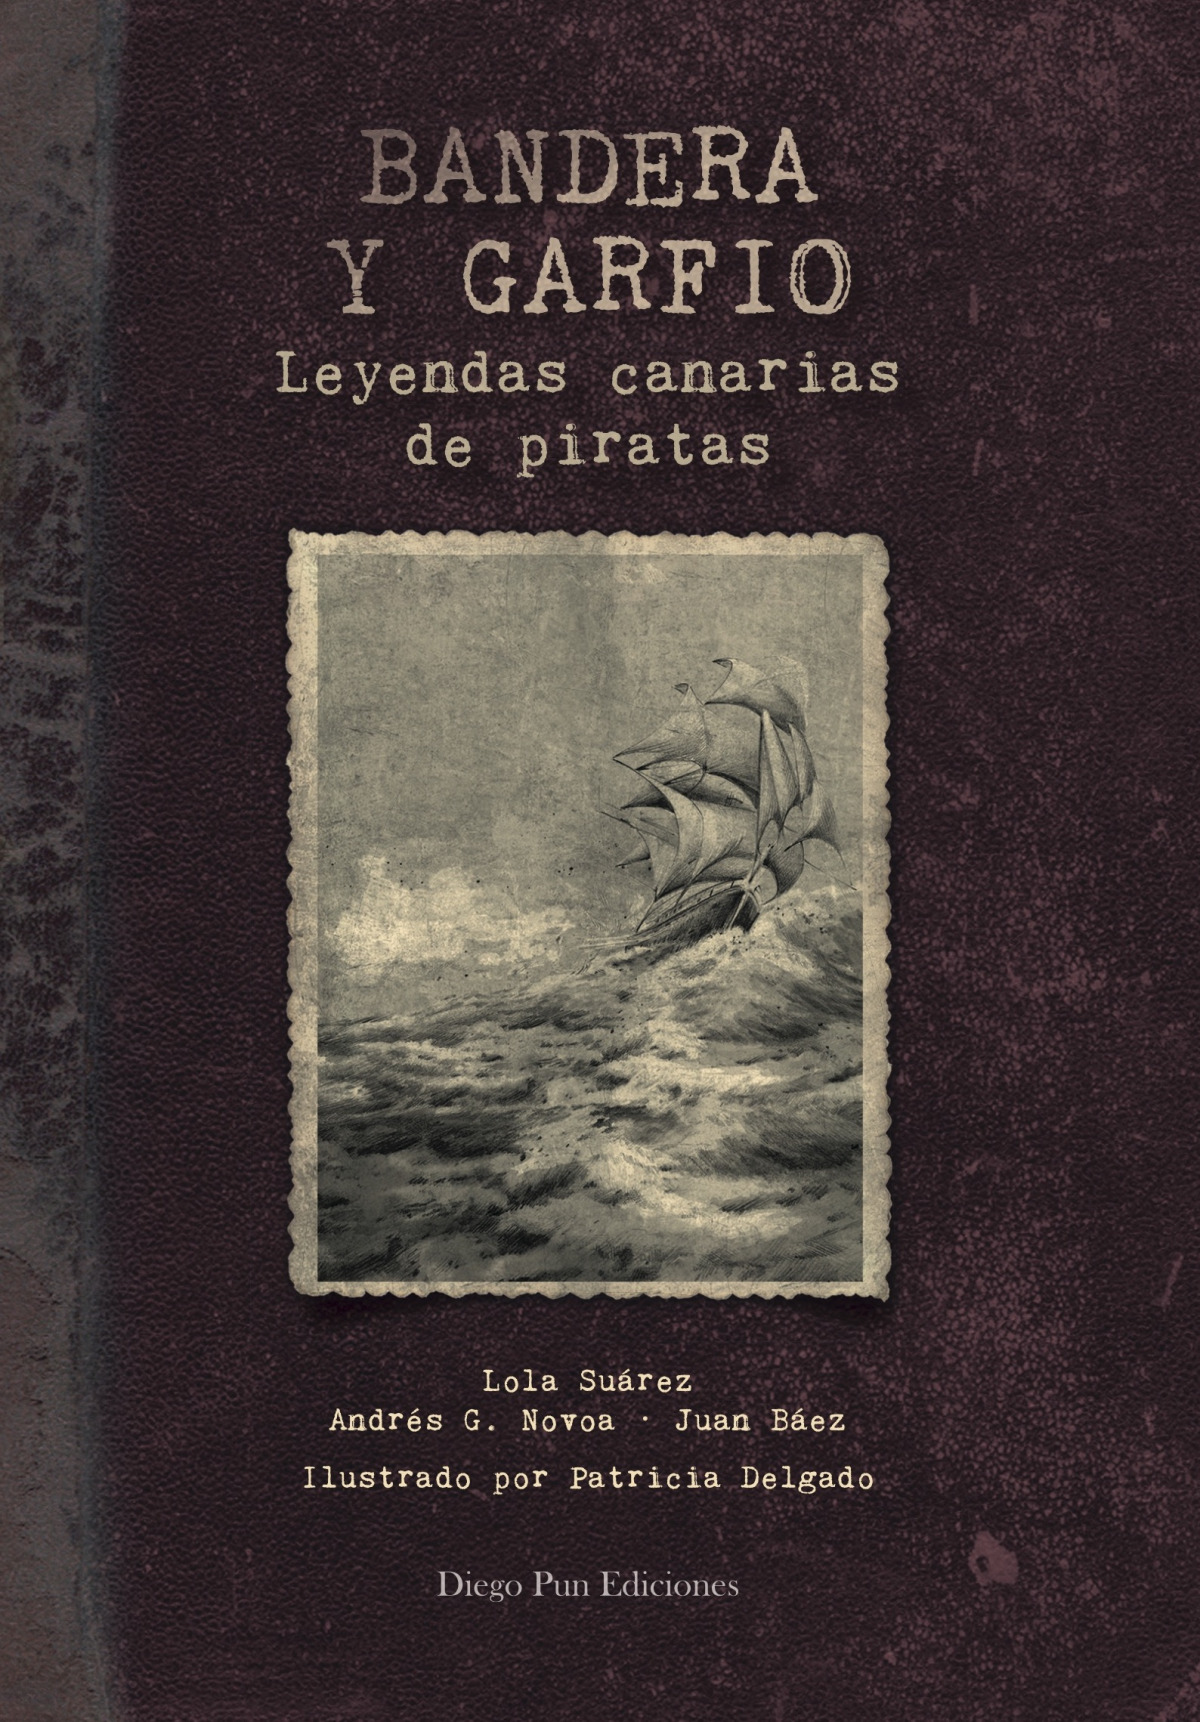 bandera y garfio. leyendas canarias de piratas